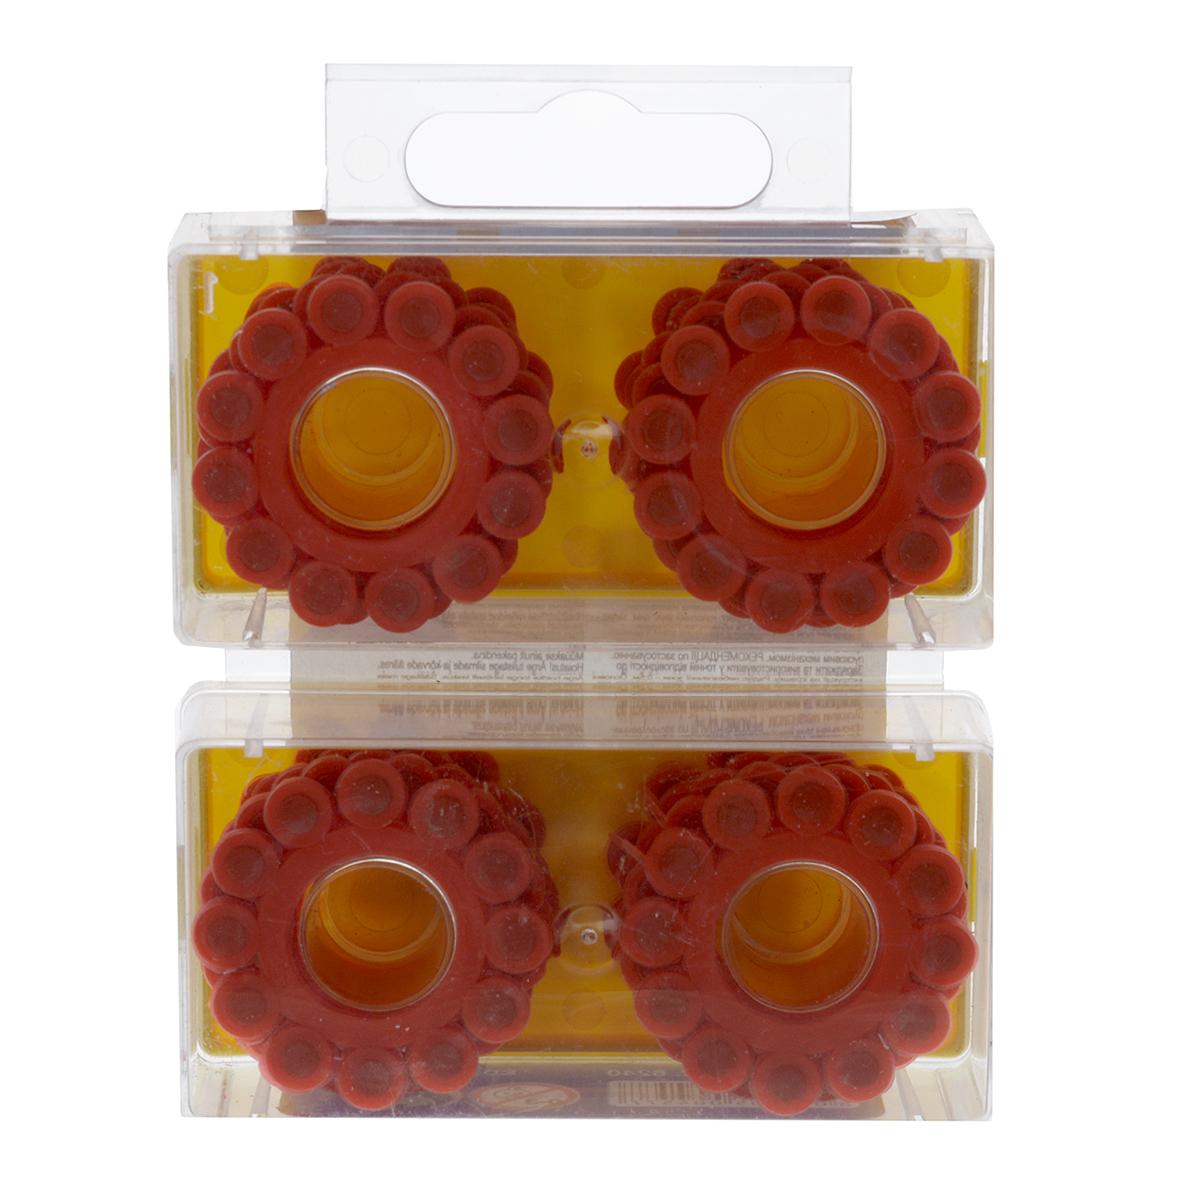 Пистоны Super Disc, 12-зарядные, 240 шт6240/1612-зарядные пистоны из набора Super Disc сделают выстрелы из игрушечного оружия более реалистичными. Пистоны предназначены для пистолетов и револьверов с барабаном, рассчитанным на 8 зарядов. В набор входят 20 колец по 12 пистонов в каждом, упакованных в 2 прозрачных пластиковых контейнера с яркими крышками. Edison Giocattoli — итальянский производитель игрушечного оружия для социально-ролевых игр, развивающих в детях чувство справедливости, мышление, логику и активность. Все игрушки этого бренда изготовлены из безопасных для здоровья детей материалов.